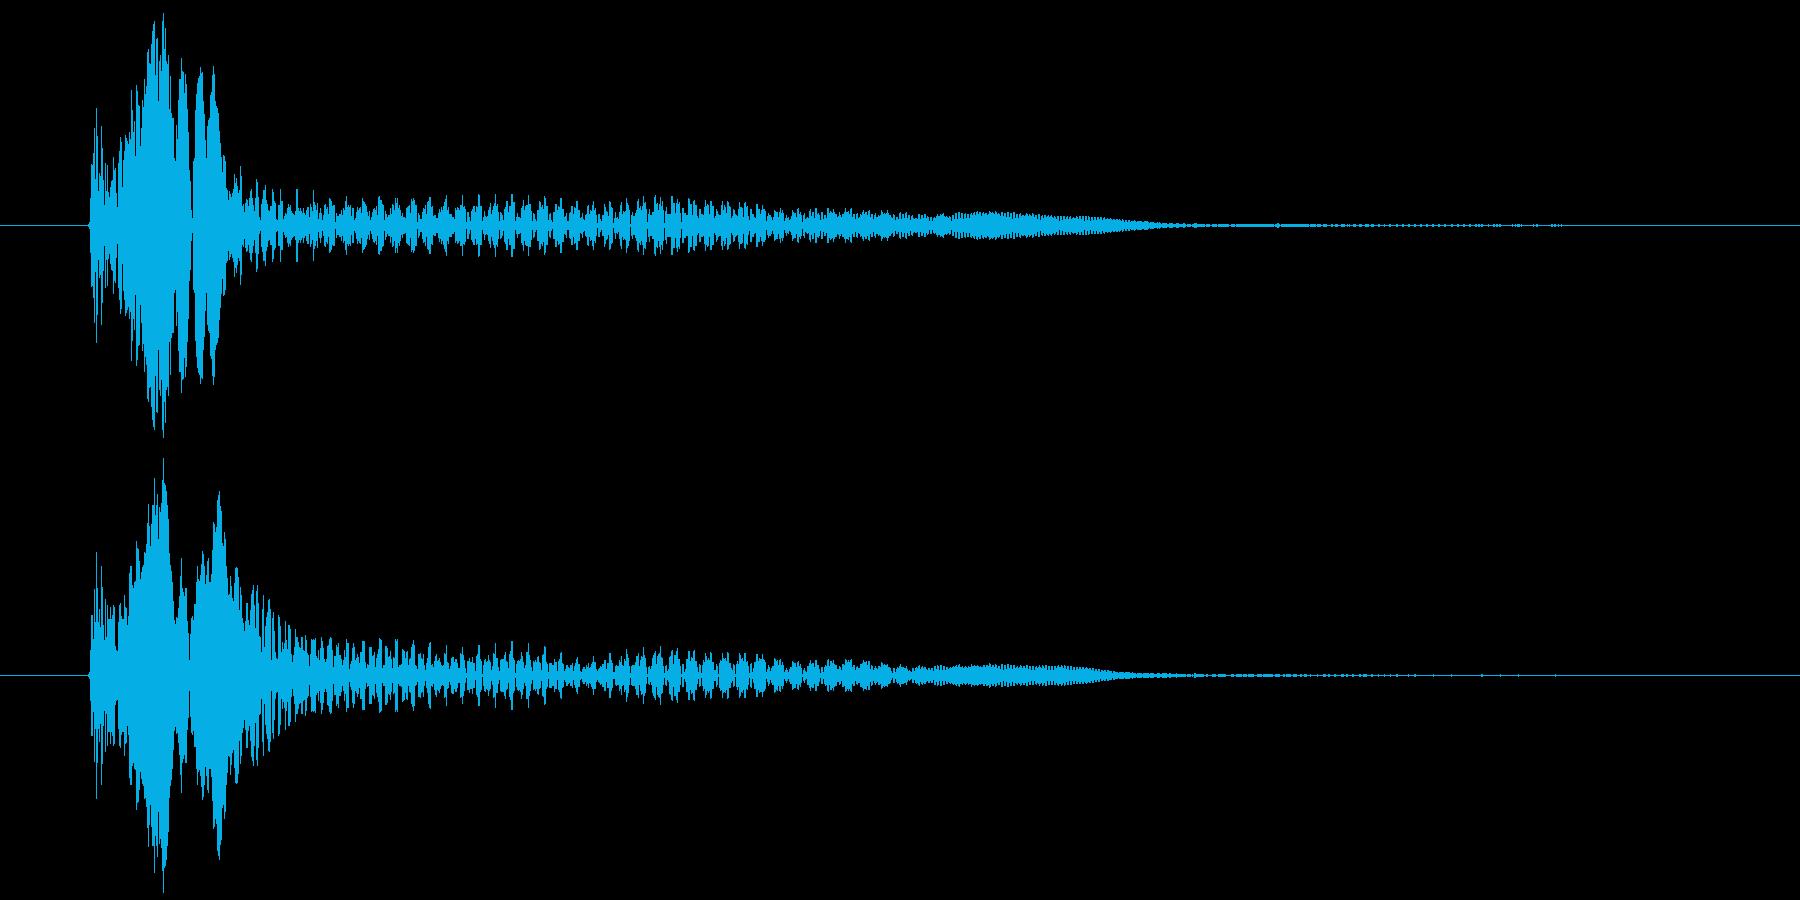 ぽよよーん、と下がる音です。の再生済みの波形